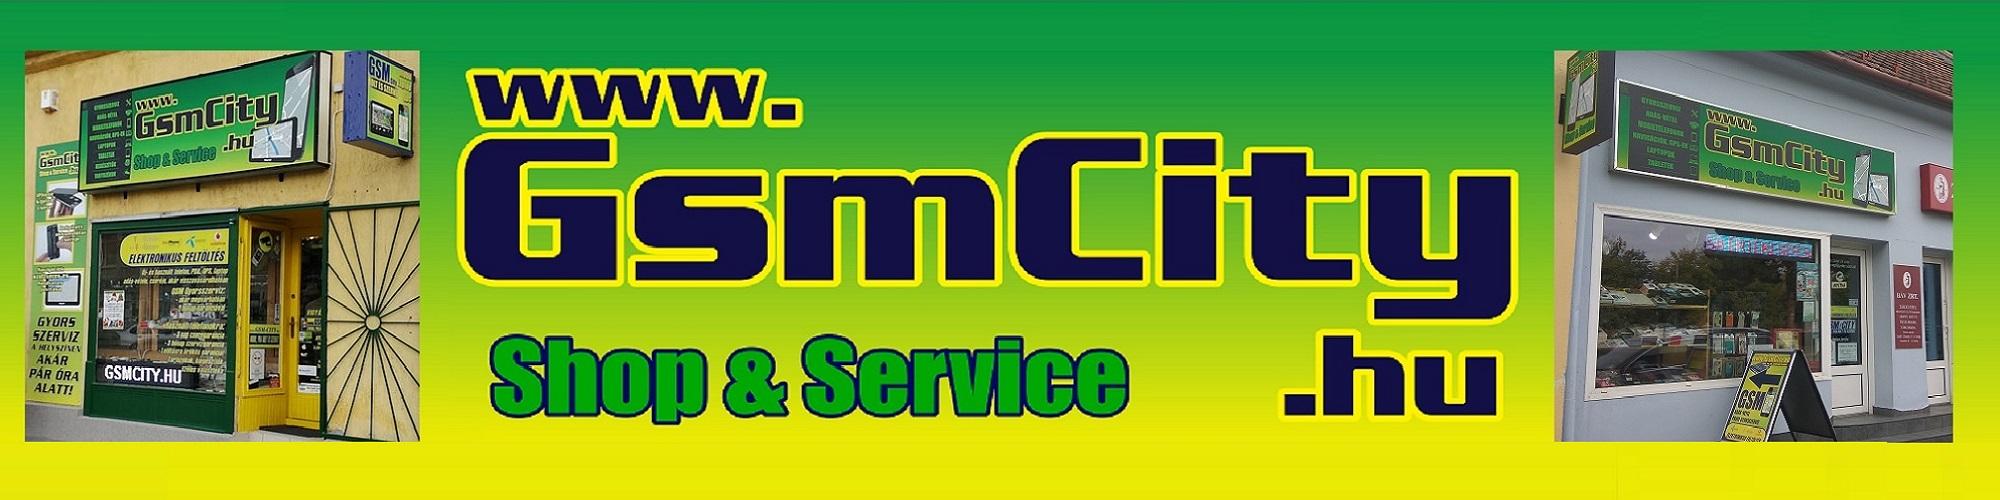 GsmCity Mobil-GPS-Tablet-Laptop Shop és Szervíz